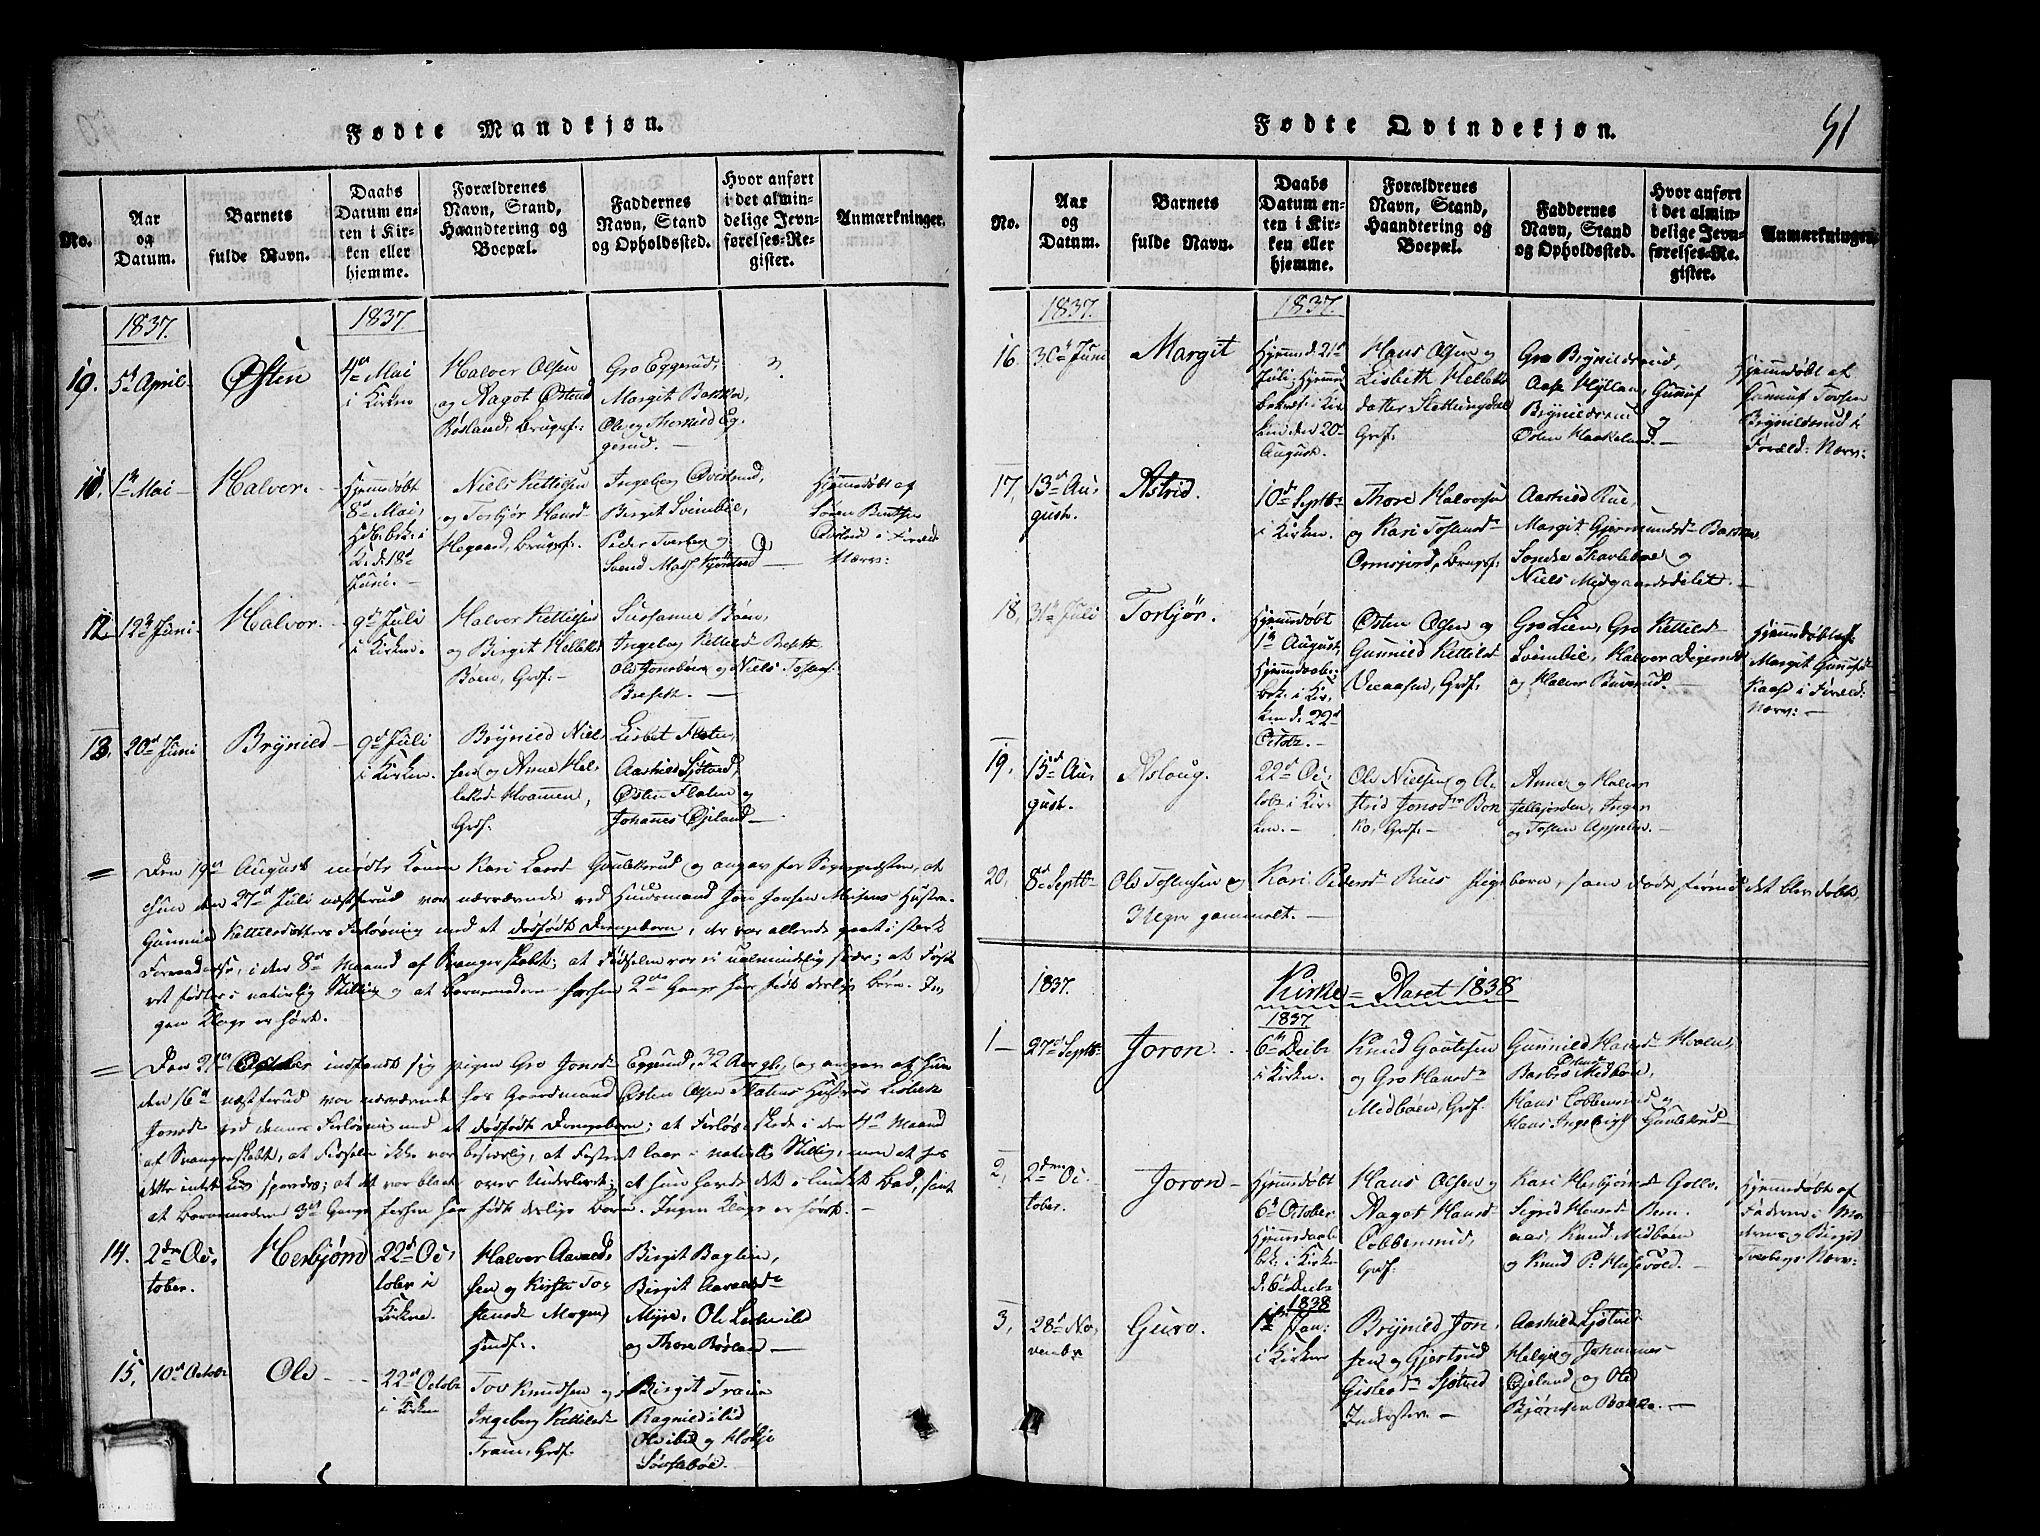 SAKO, Tinn kirkebøker, G/Gb/L0001: Klokkerbok nr. II 1 /2, 1837-1850, s. 51